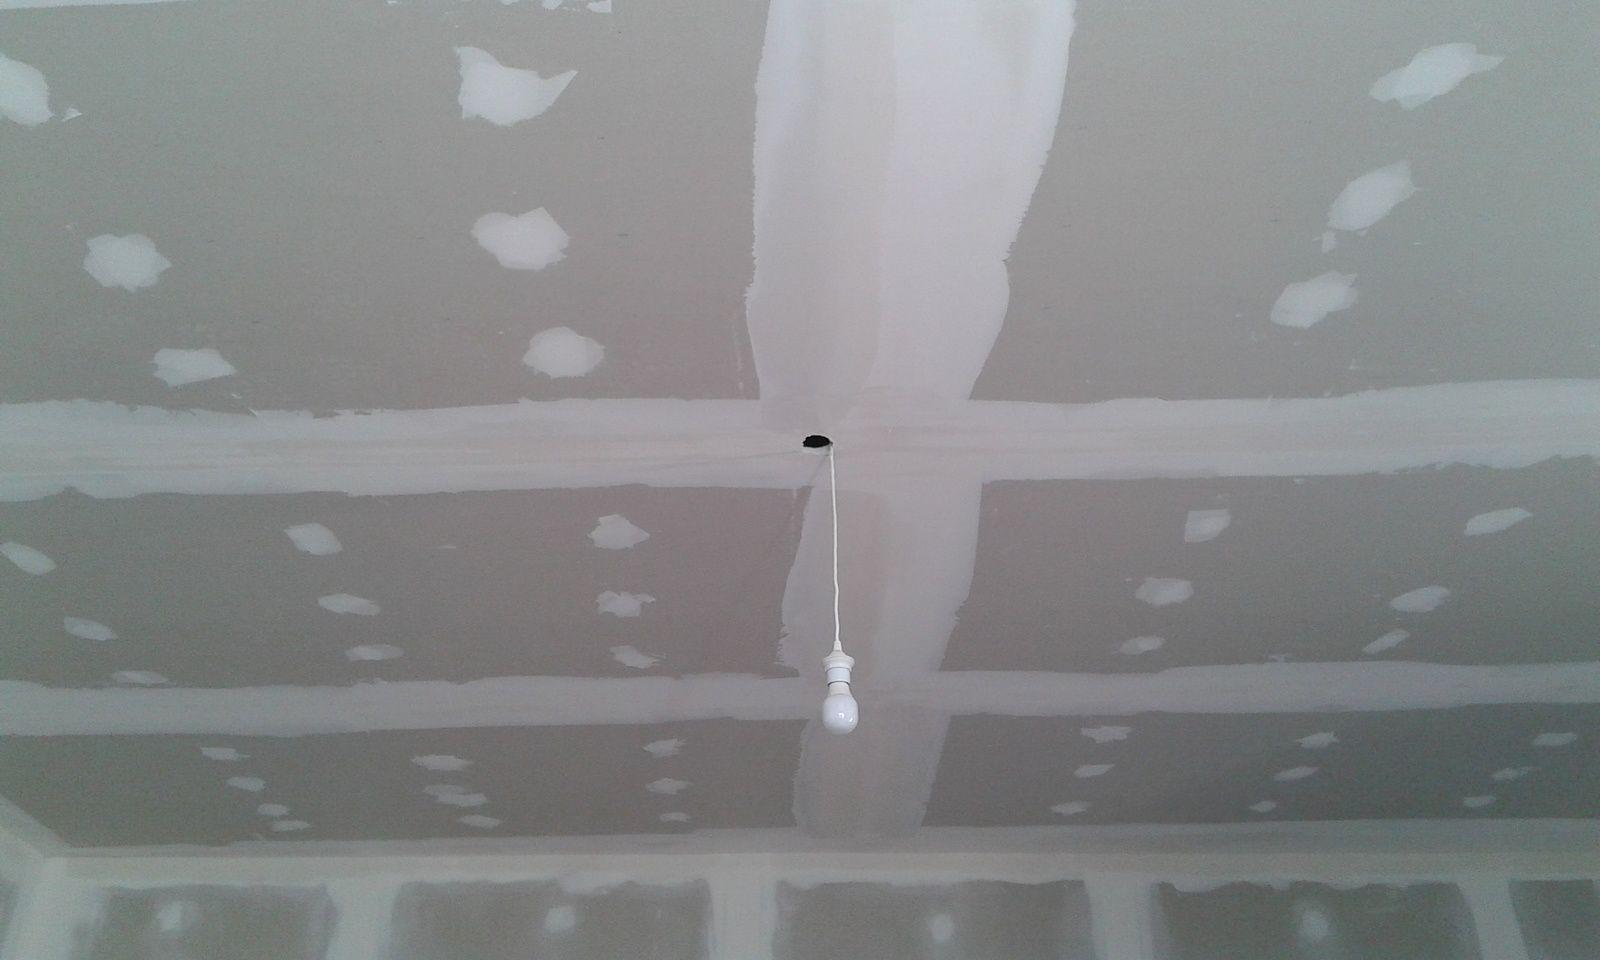 UN traitement de joint c'est fait ensuite, ponçage des bandes et sous-couche spéciale plaque de plâtre. pas de photo montrant aux murs ext une isolation de 100 mm mais il y en a bien une.